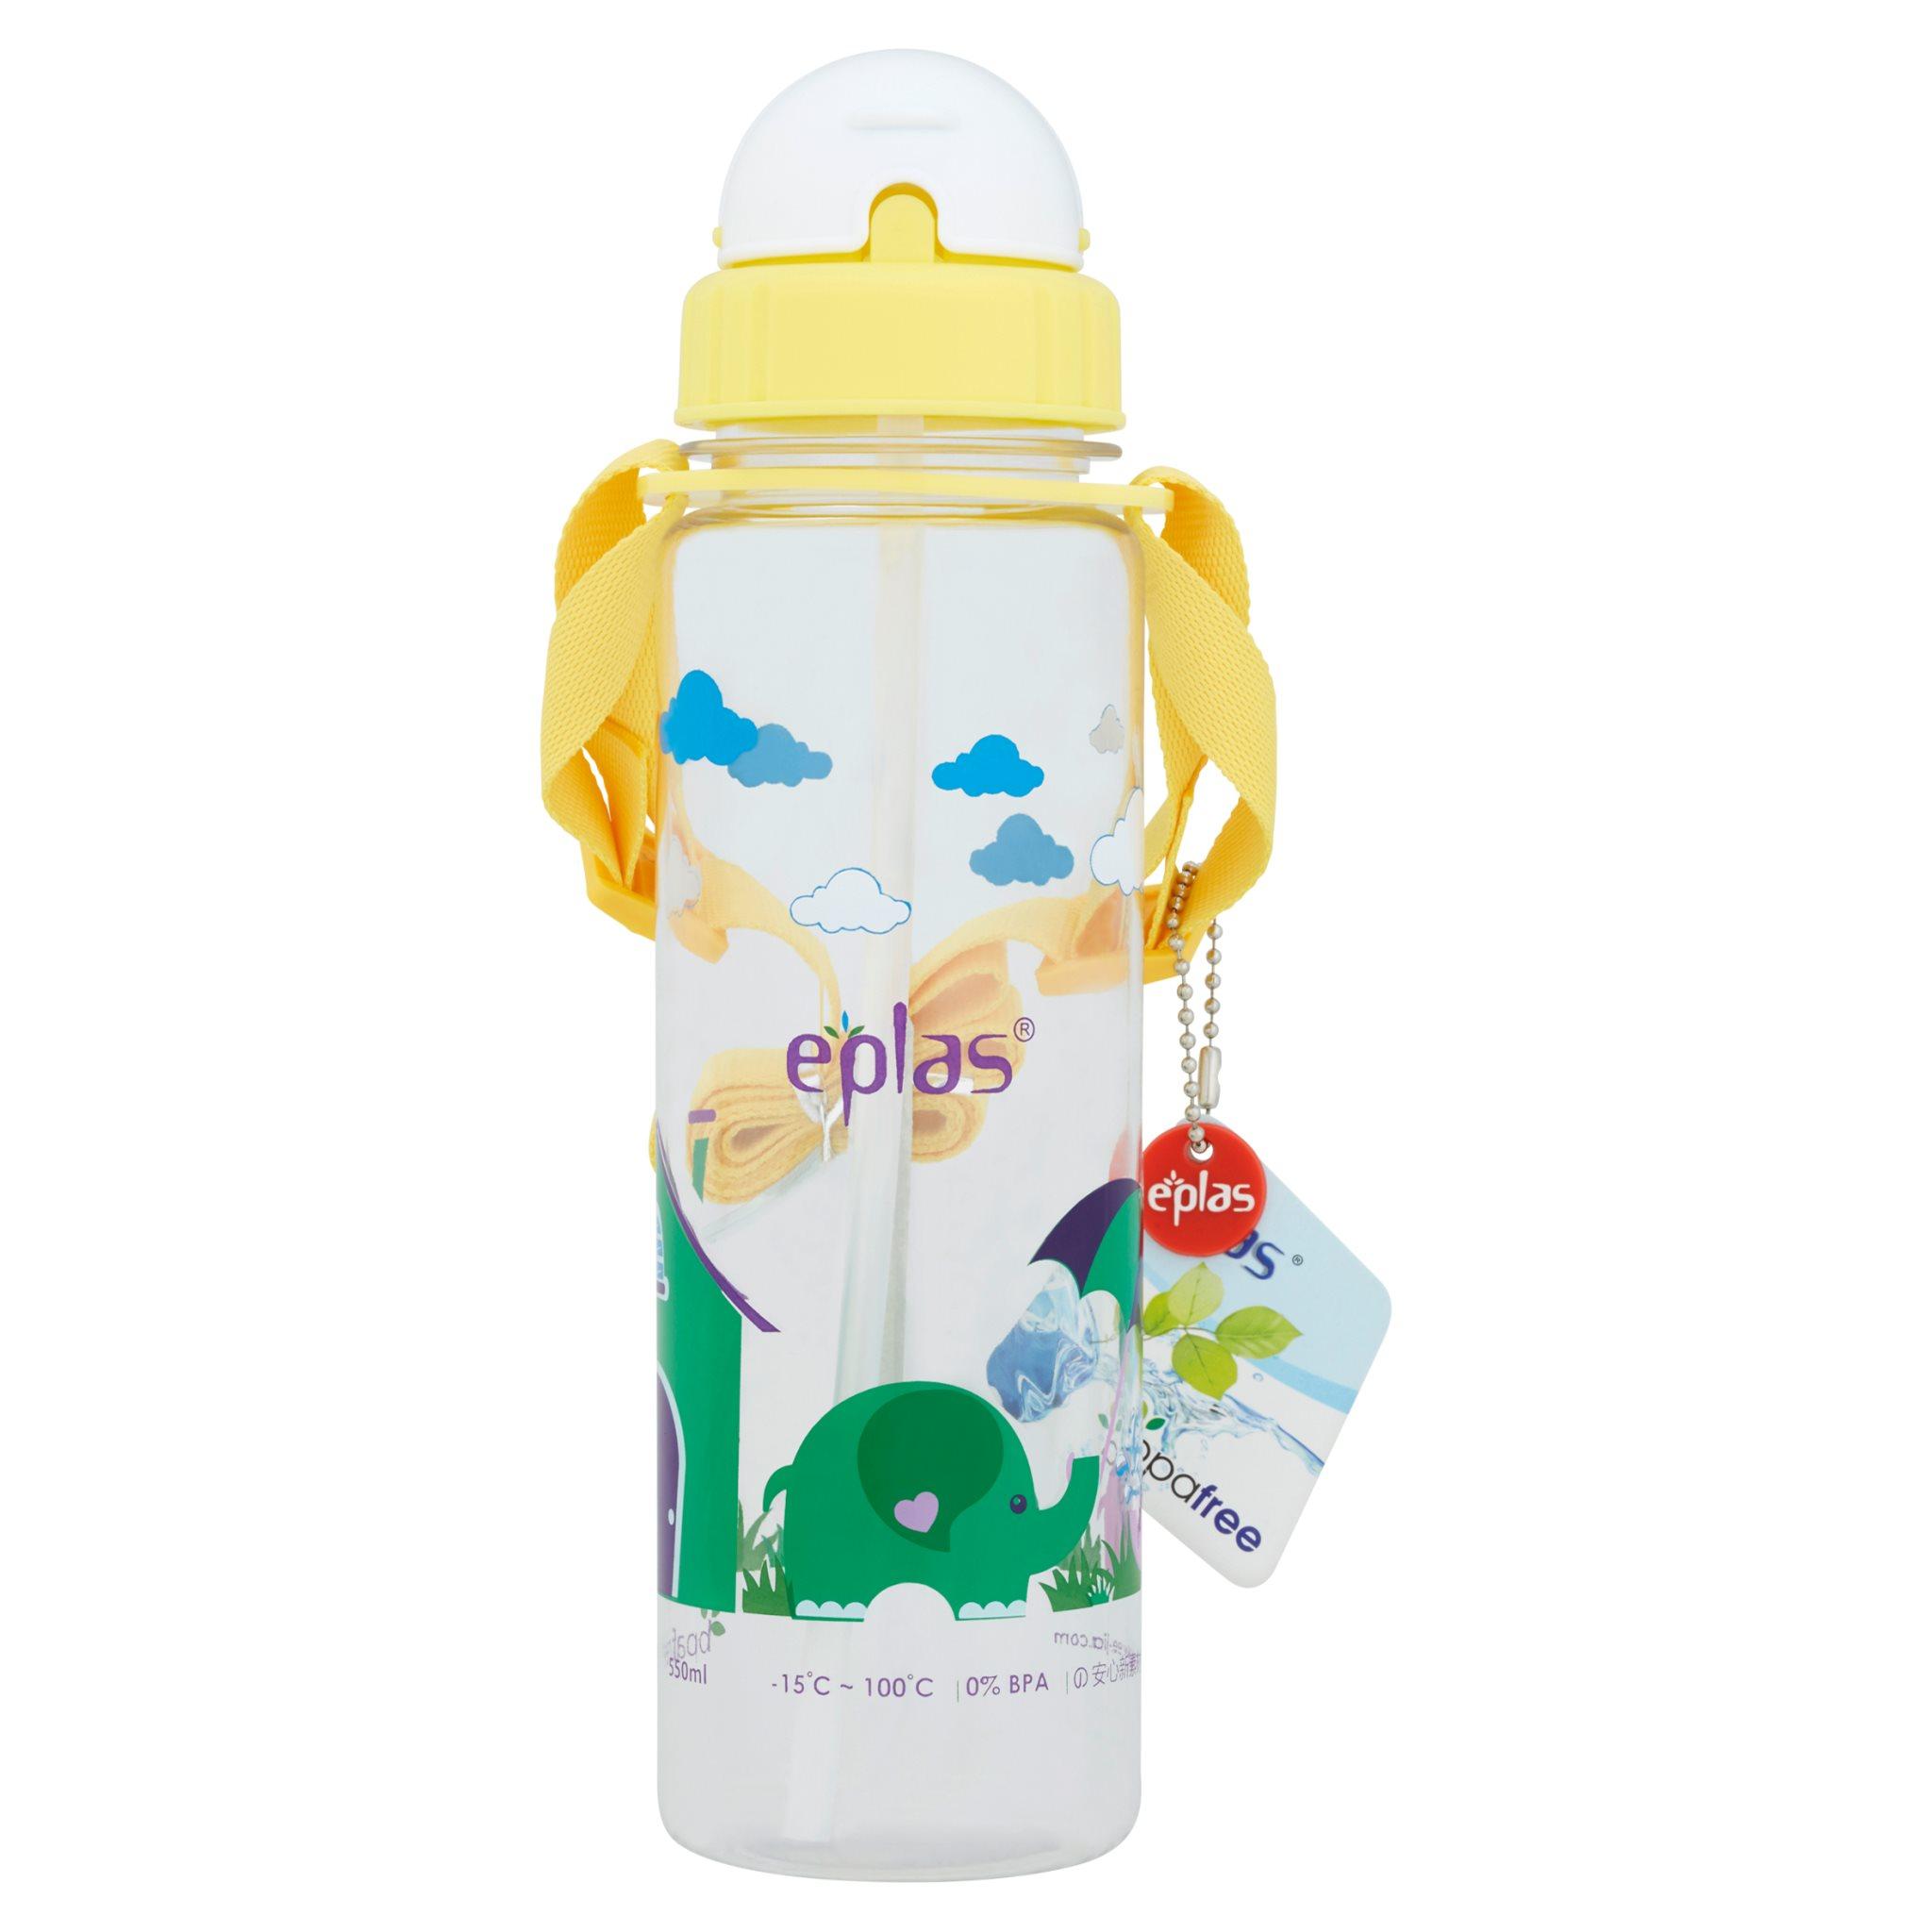 Eplas BPA Free Bottle Water Bottle Tumbler EGB-550BPA (550ml)